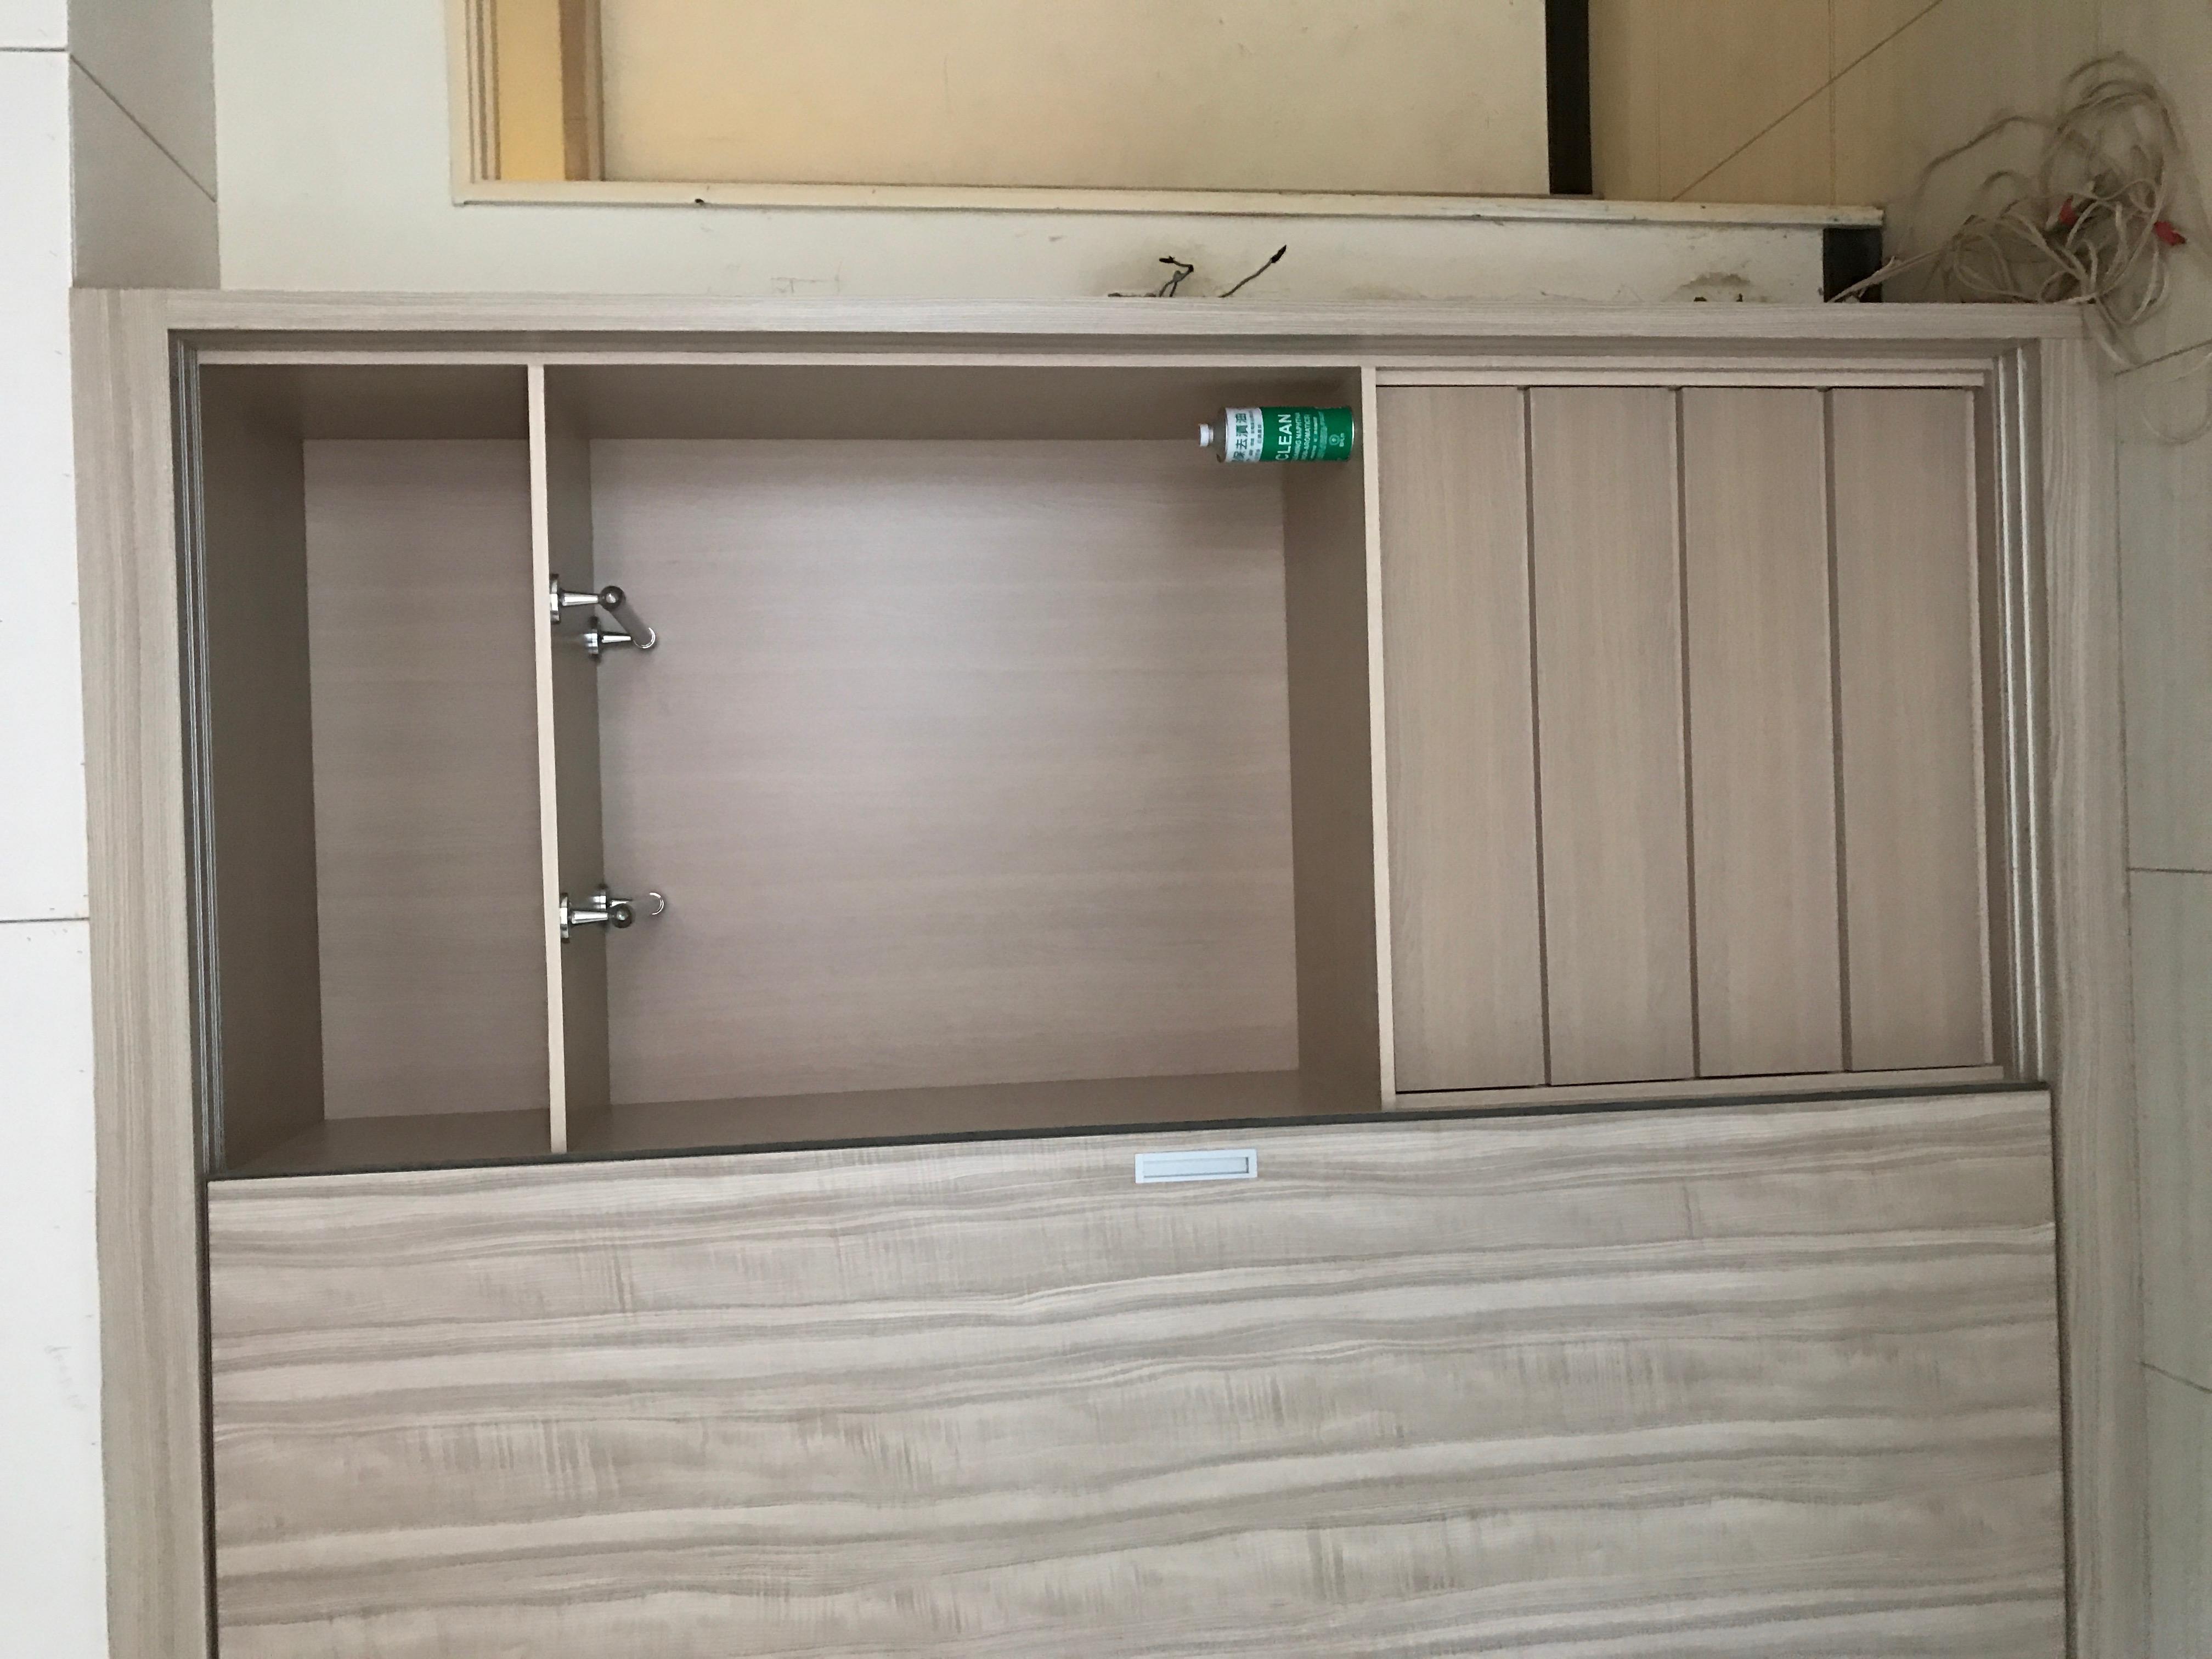 台北市住家室內裝潢衣櫃系統櫃木工 (1)